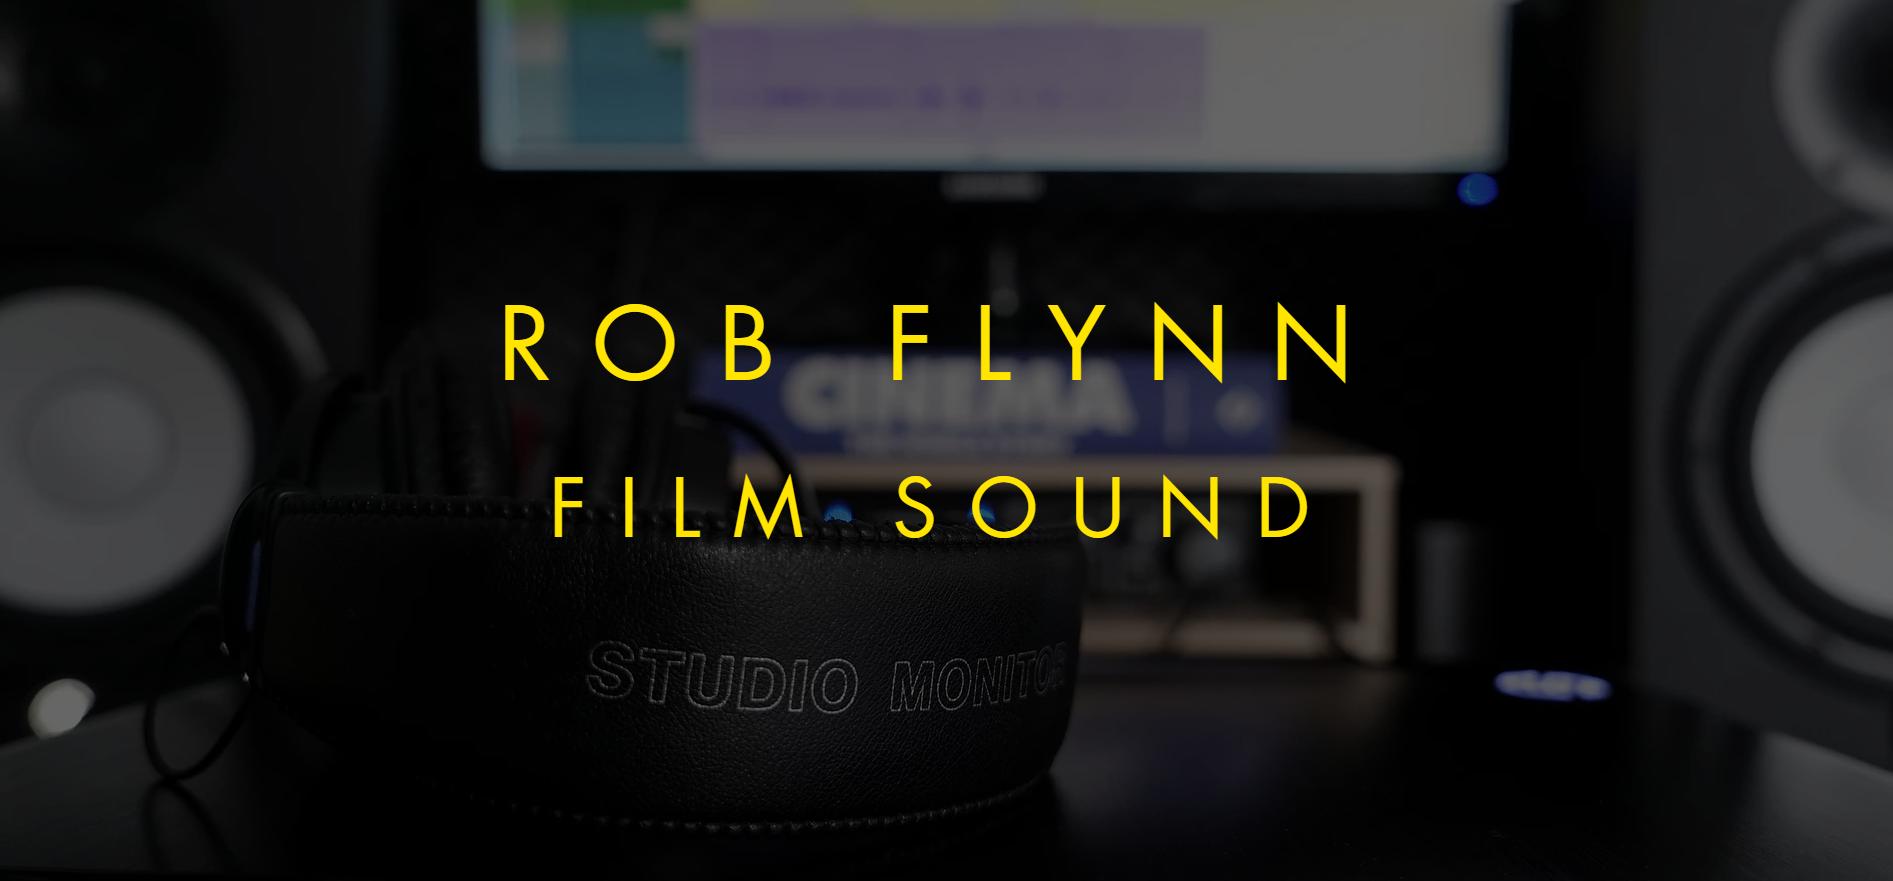 Rob Flynn - Film Sound | Animation